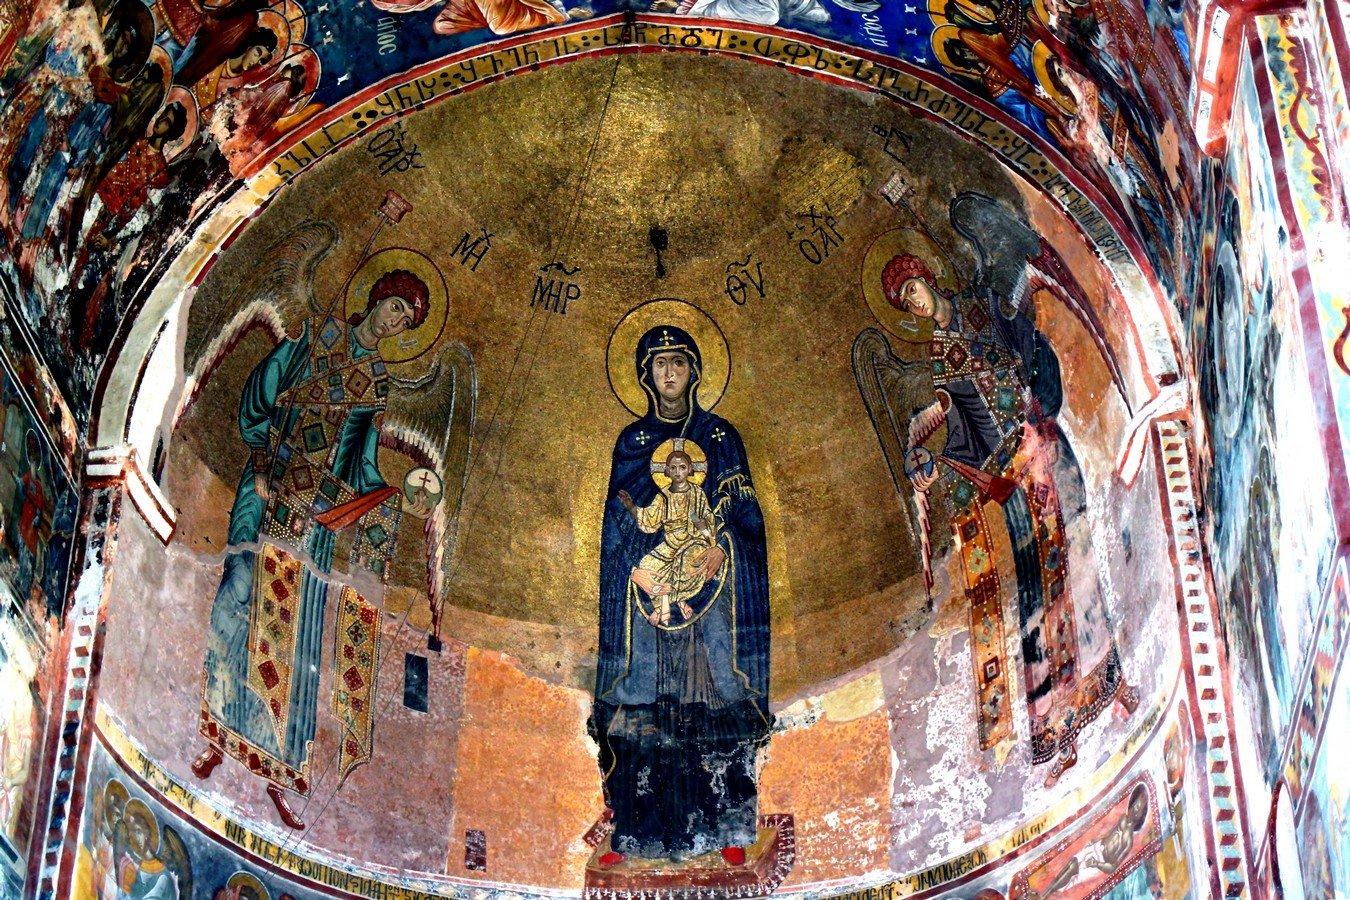 Богоматерь Никопея с предстоящими Архангелами Михаилом и Гавриилом. Мозаика собора Рождества Пресвятой Богородицы в монастыре Гелати, Грузия. Около 1130 года.